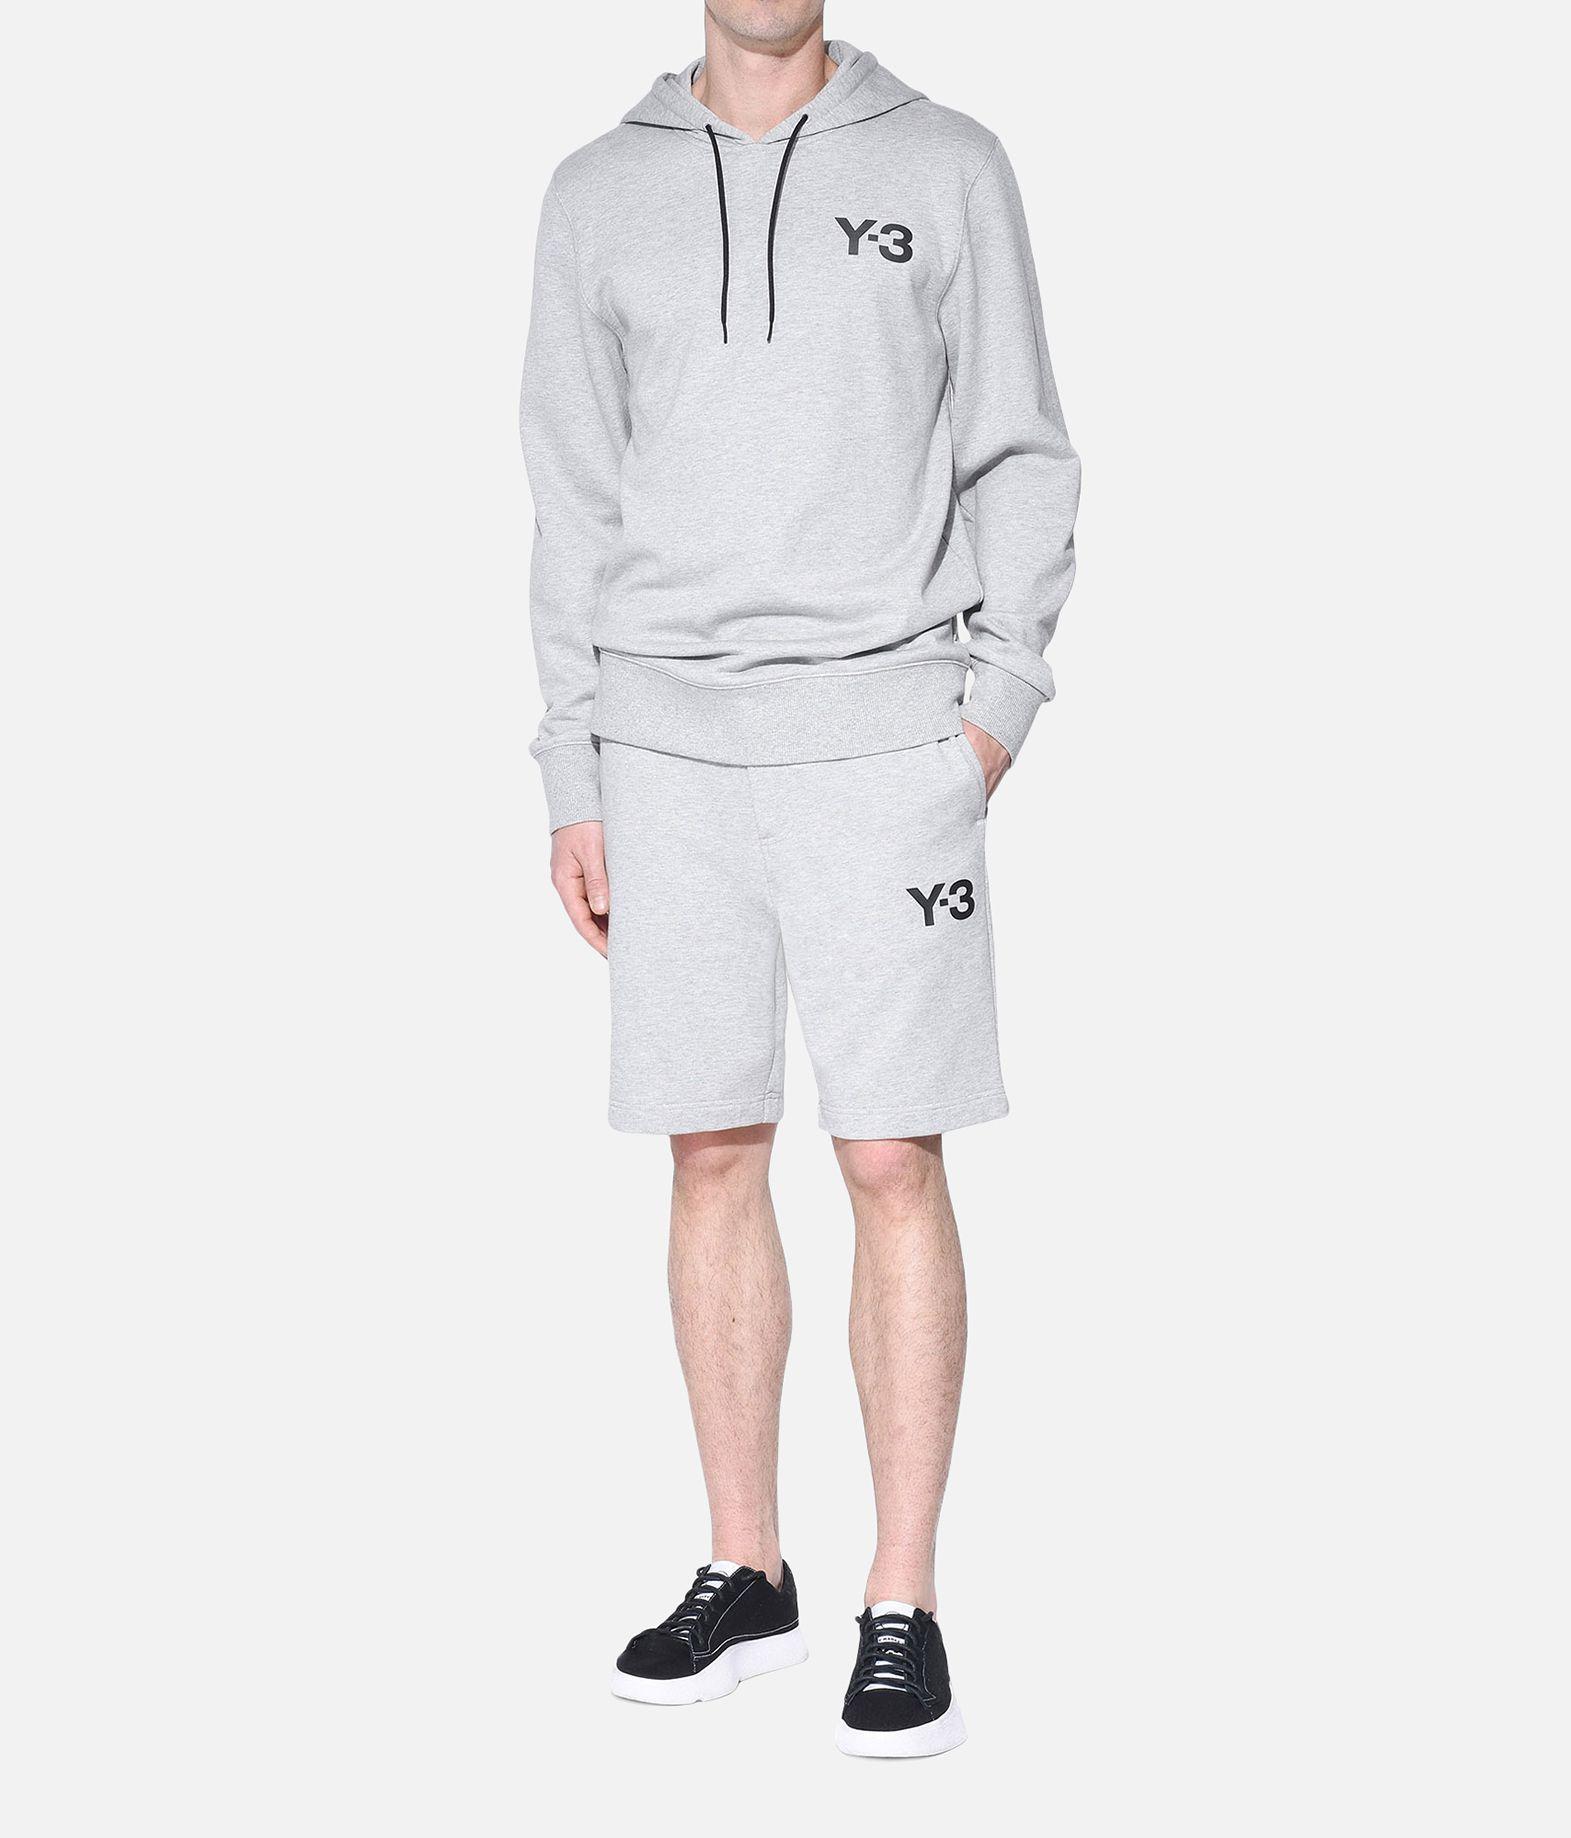 Y-3 Y-3 Classic Shorts Shorts Man a